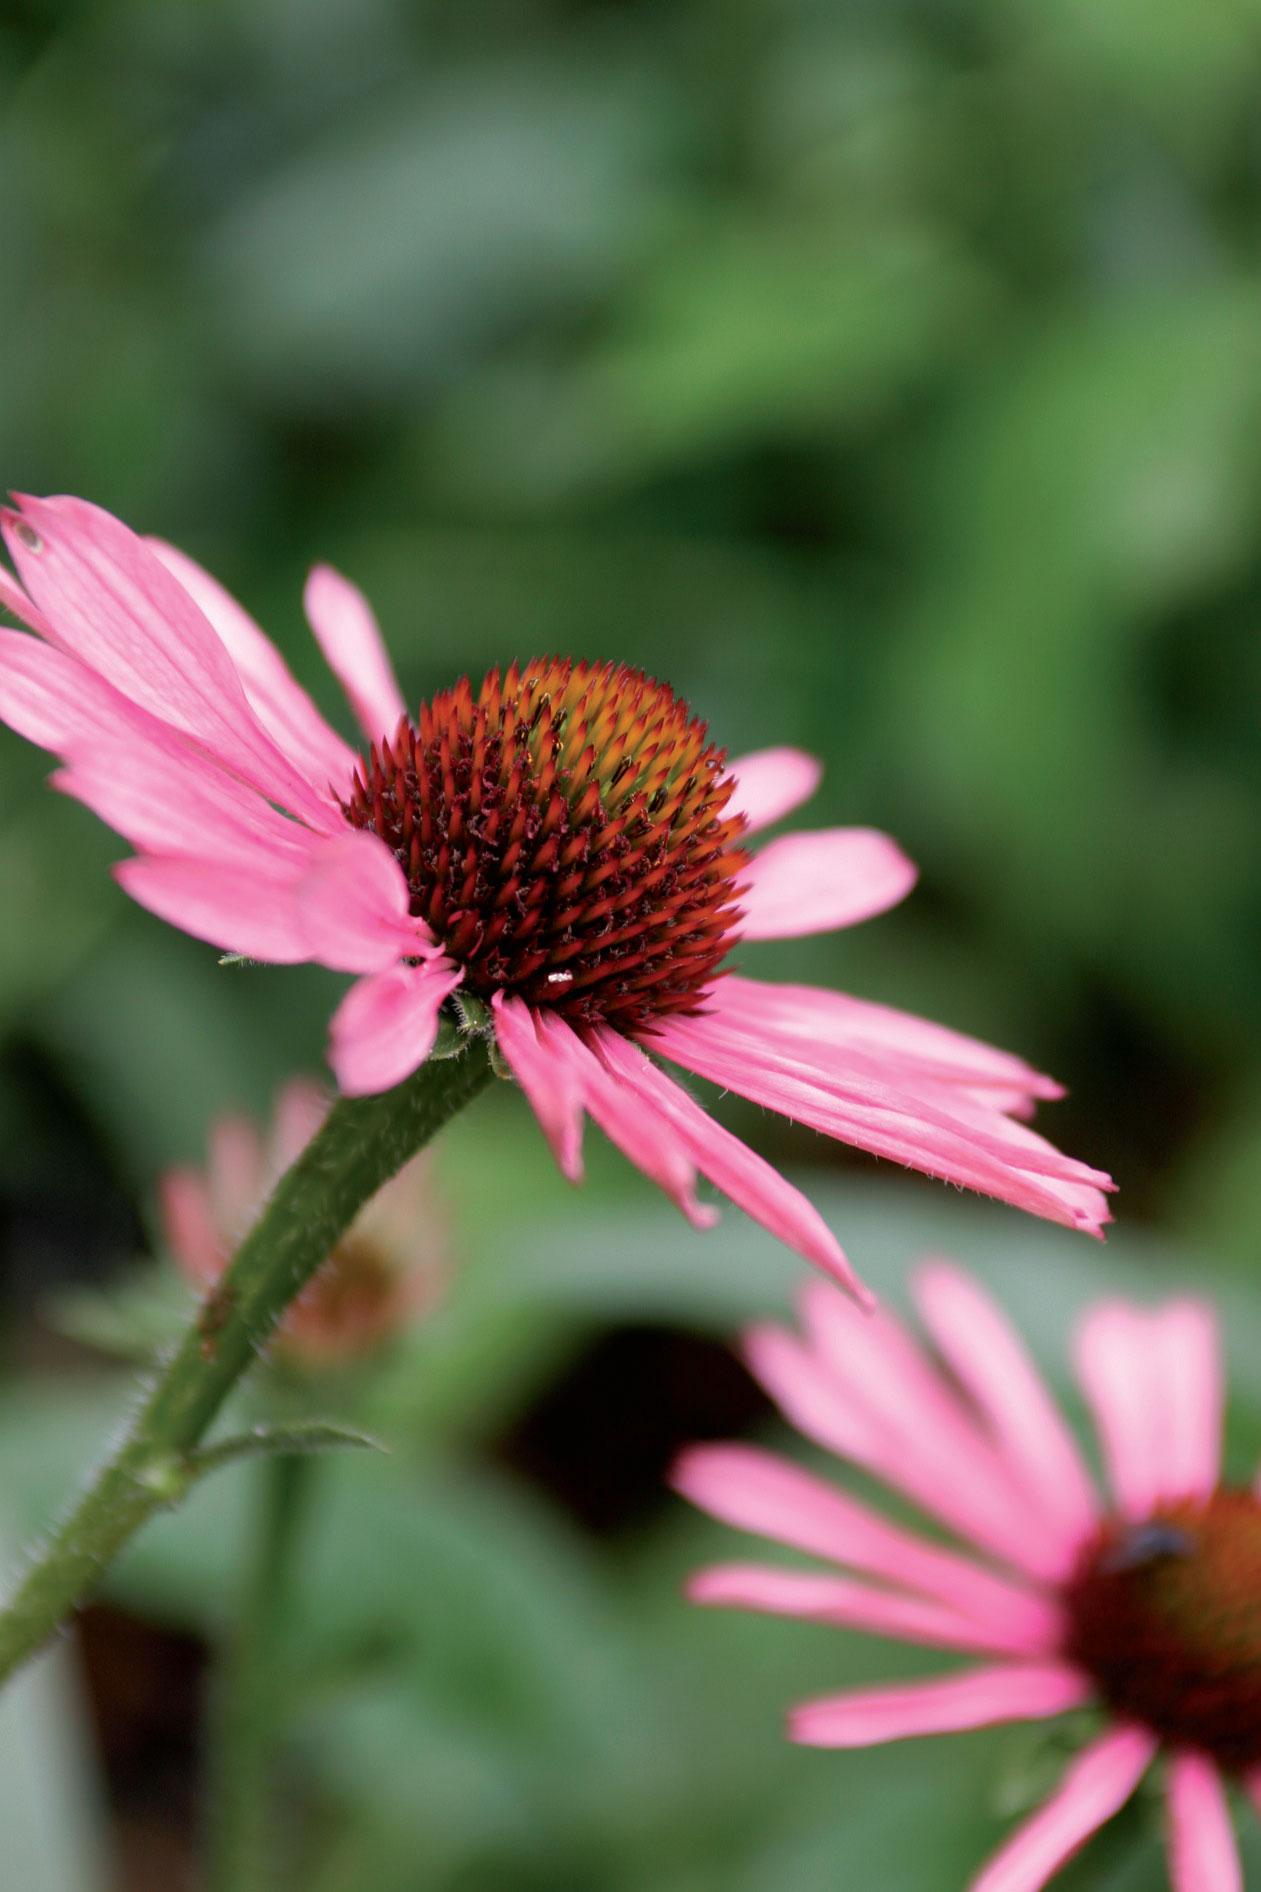 'Pixie Meadowbrite' -lajikkeella on oranssinpuhuva mykerö ja vaaleanpunaiset terälehdet. Lisäksi se on erityisen tanakkakasvuinen ja siksi helppohoitoinen puutarhassa.